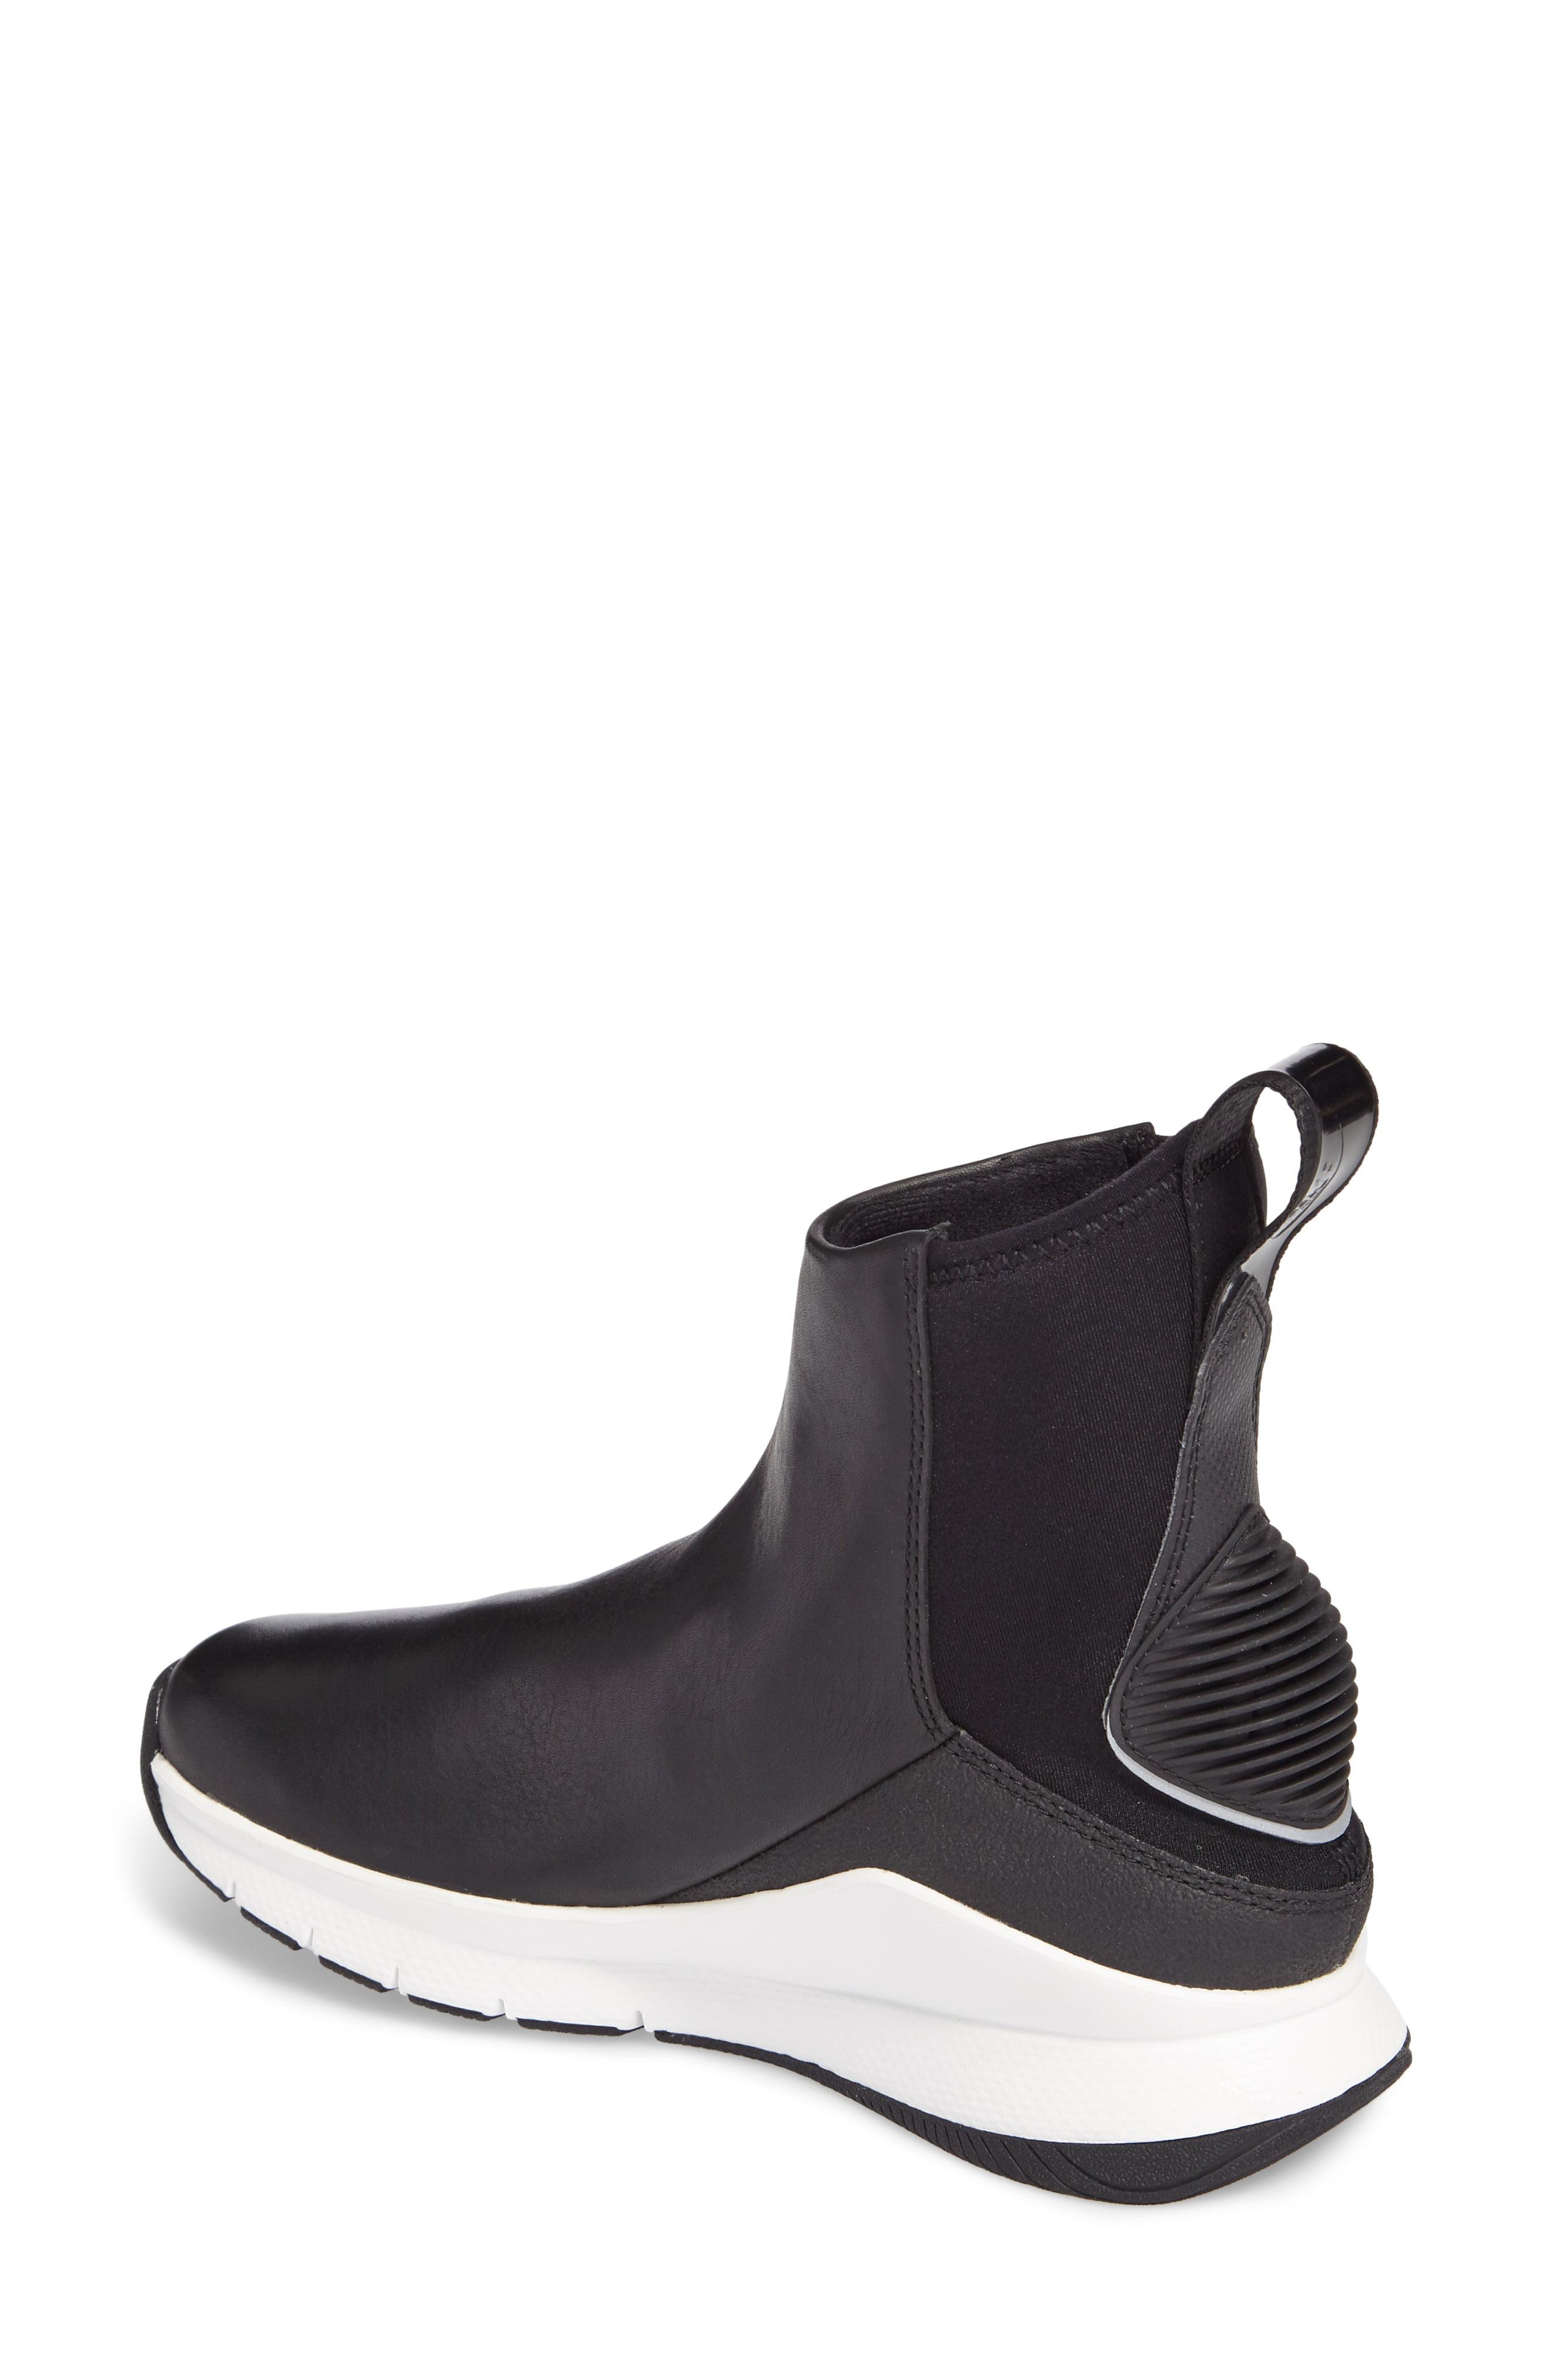 2e4ffa0a5f75b Lyst - Nike Rivah High Premium Waterproof Sneaker Boot in Black